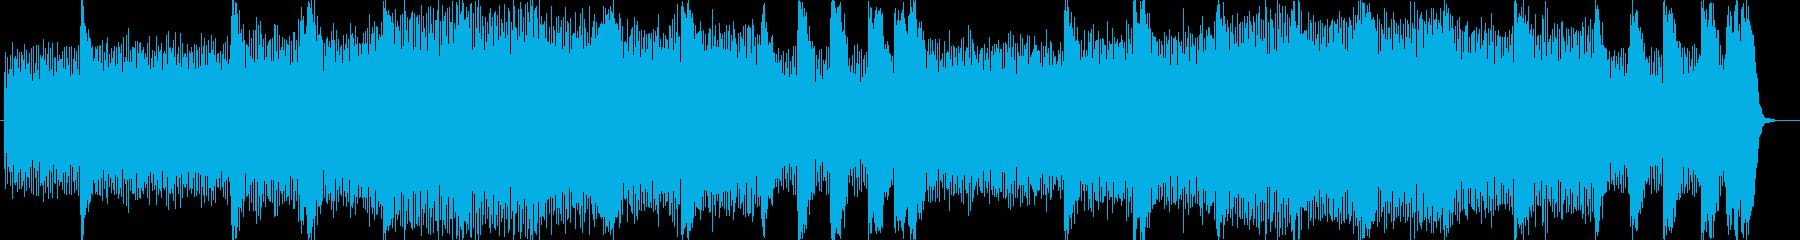 盛大なオープニングのシンセサイザー曲の再生済みの波形